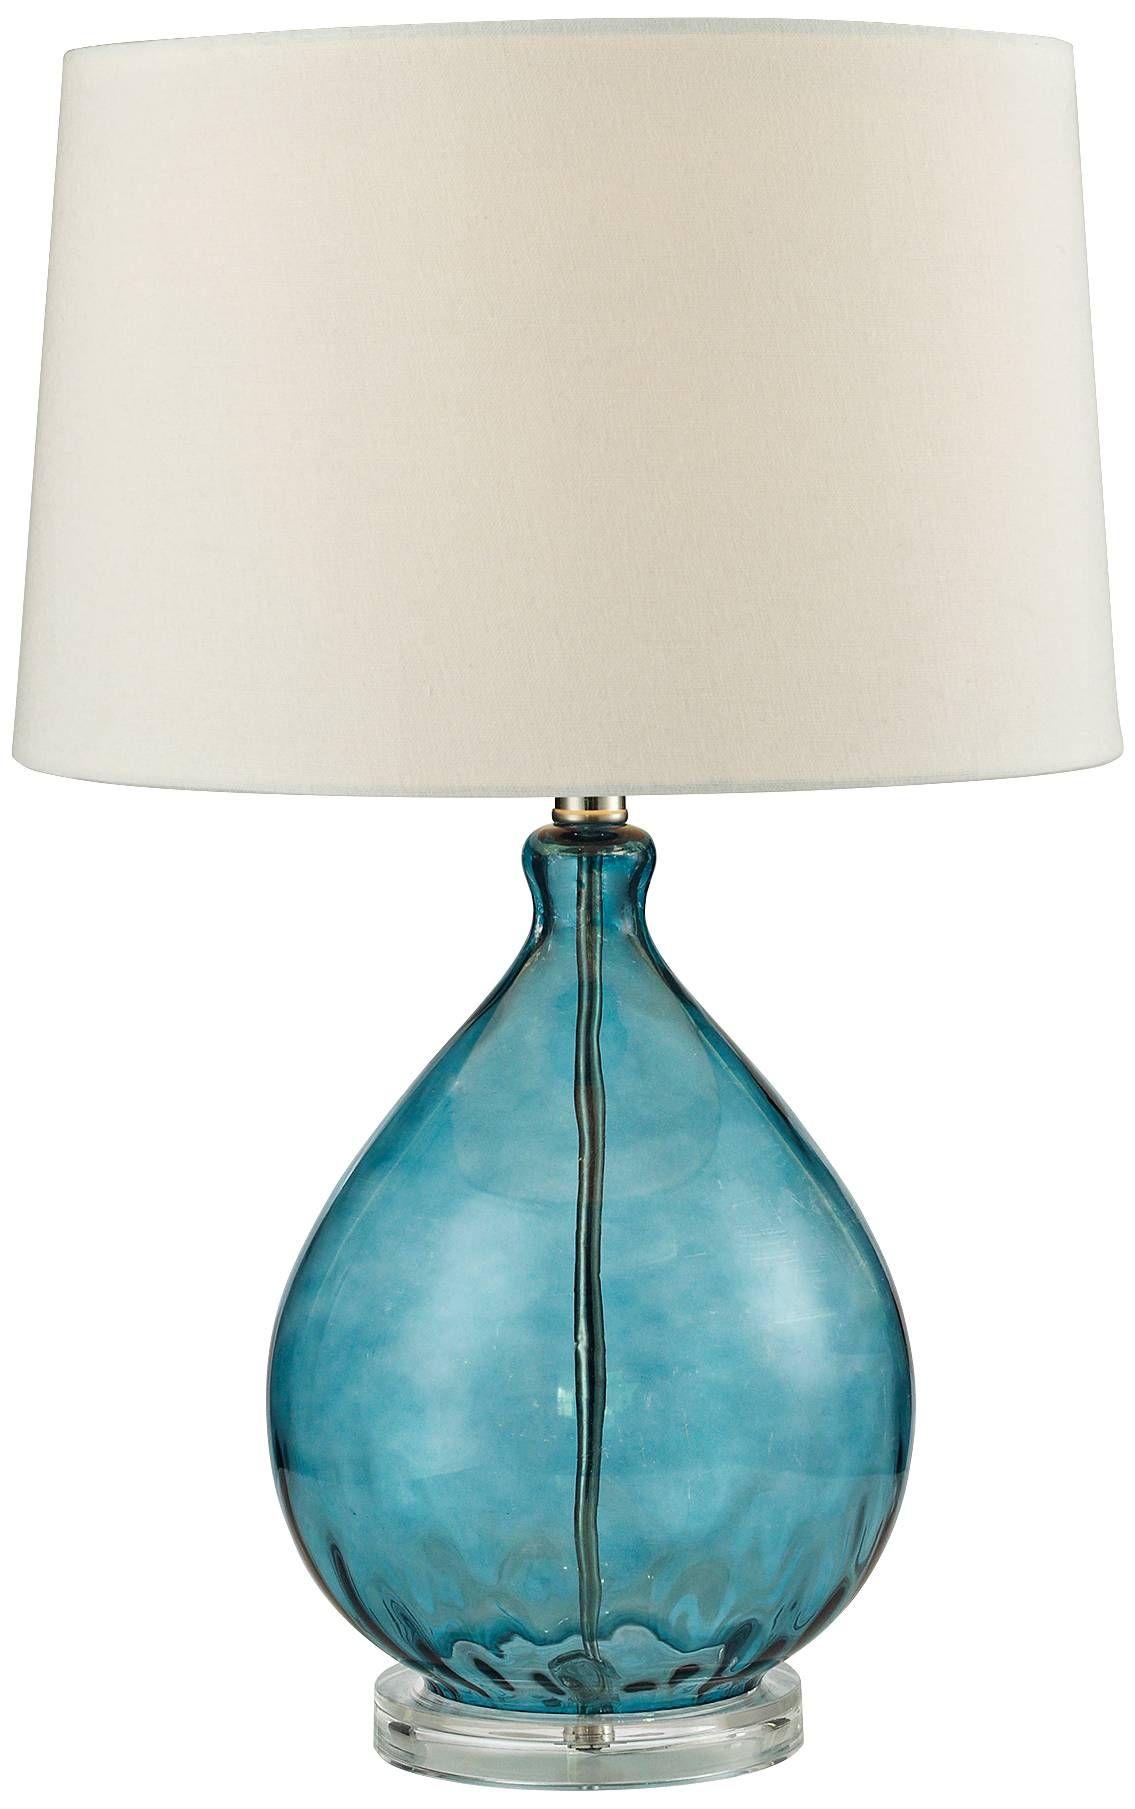 Blown glass table lamps - Dimond Wayfarer Teal Blue Blown Glass Table Lamp 7r949 Lamps Plus